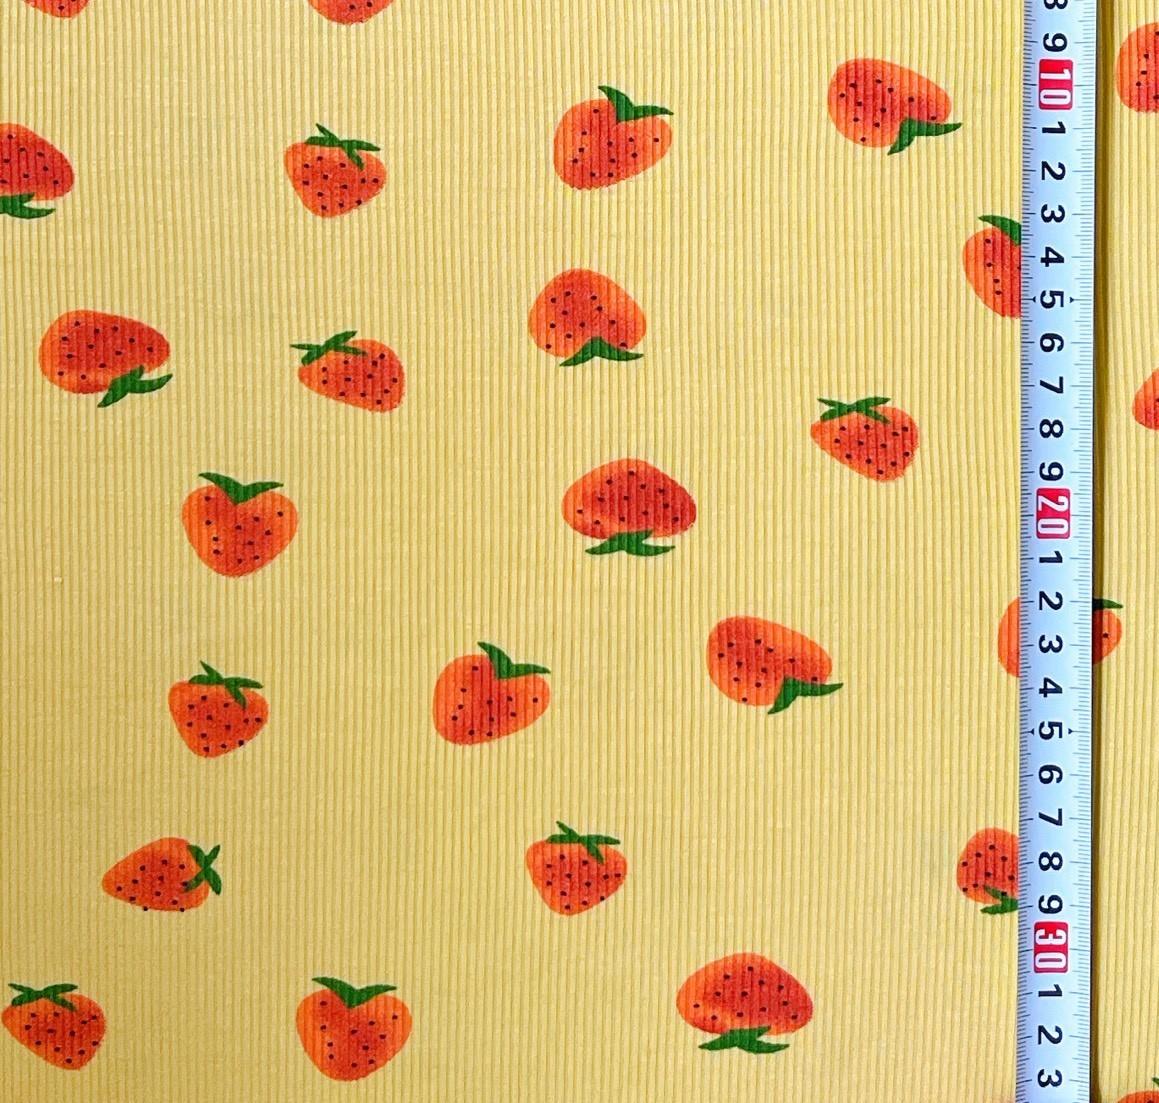 ストロベリー スパンニット  生地 ニット生地 ハンドメイド Tシャツ ハギレ 犬服 はぎれ いちご イチゴ